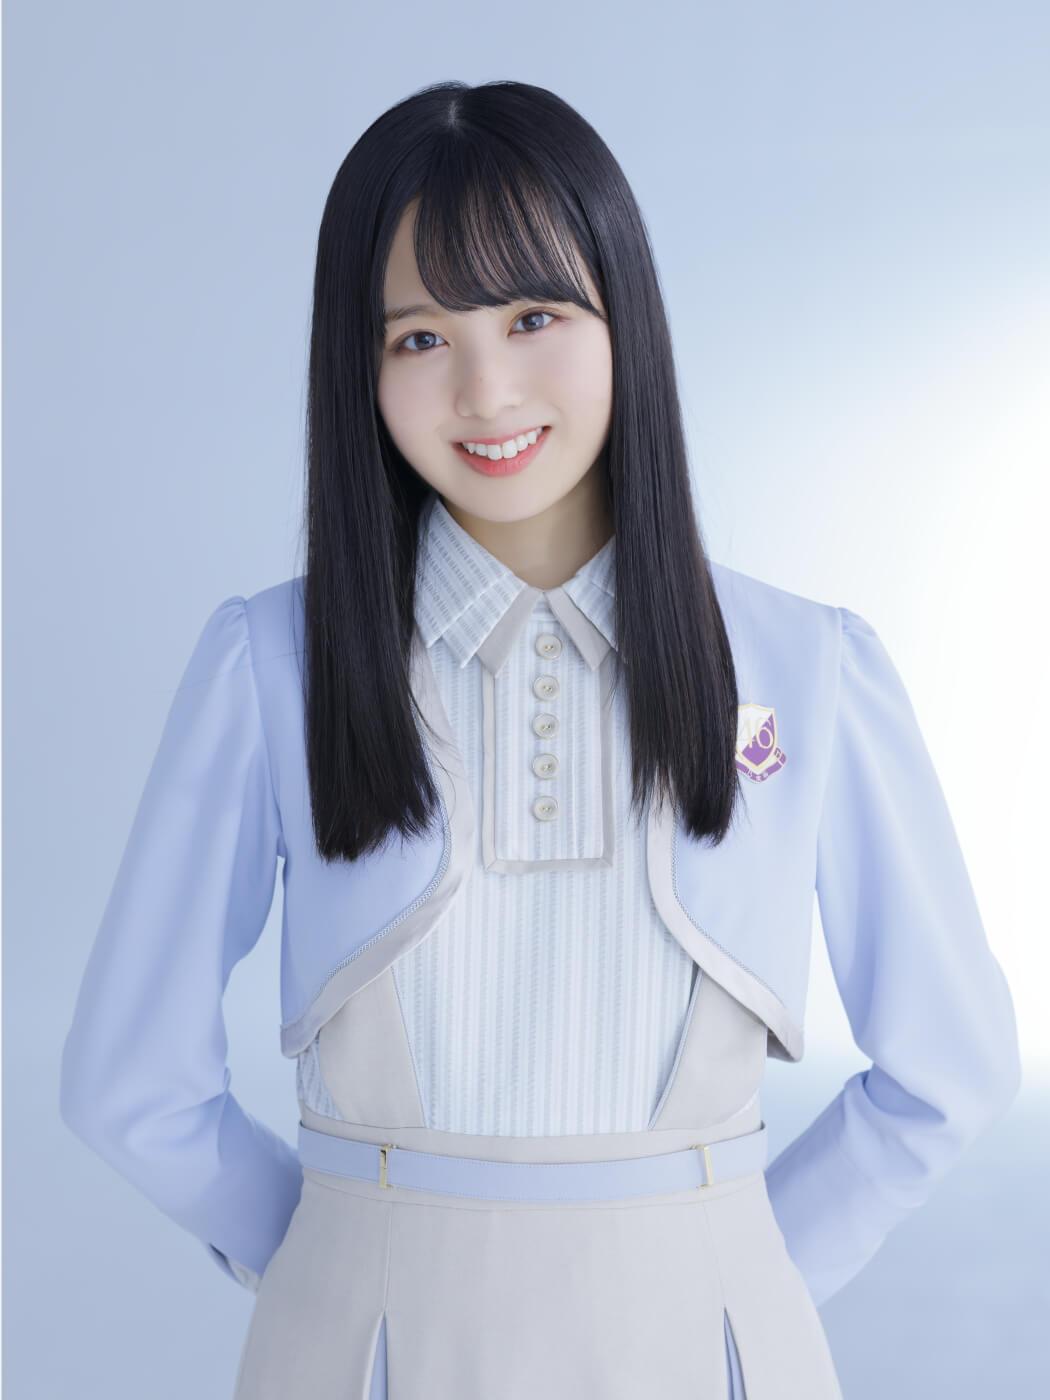 5月23日(日)よる6時から 4期生・佐藤璃果が登場!新曲初OA♪